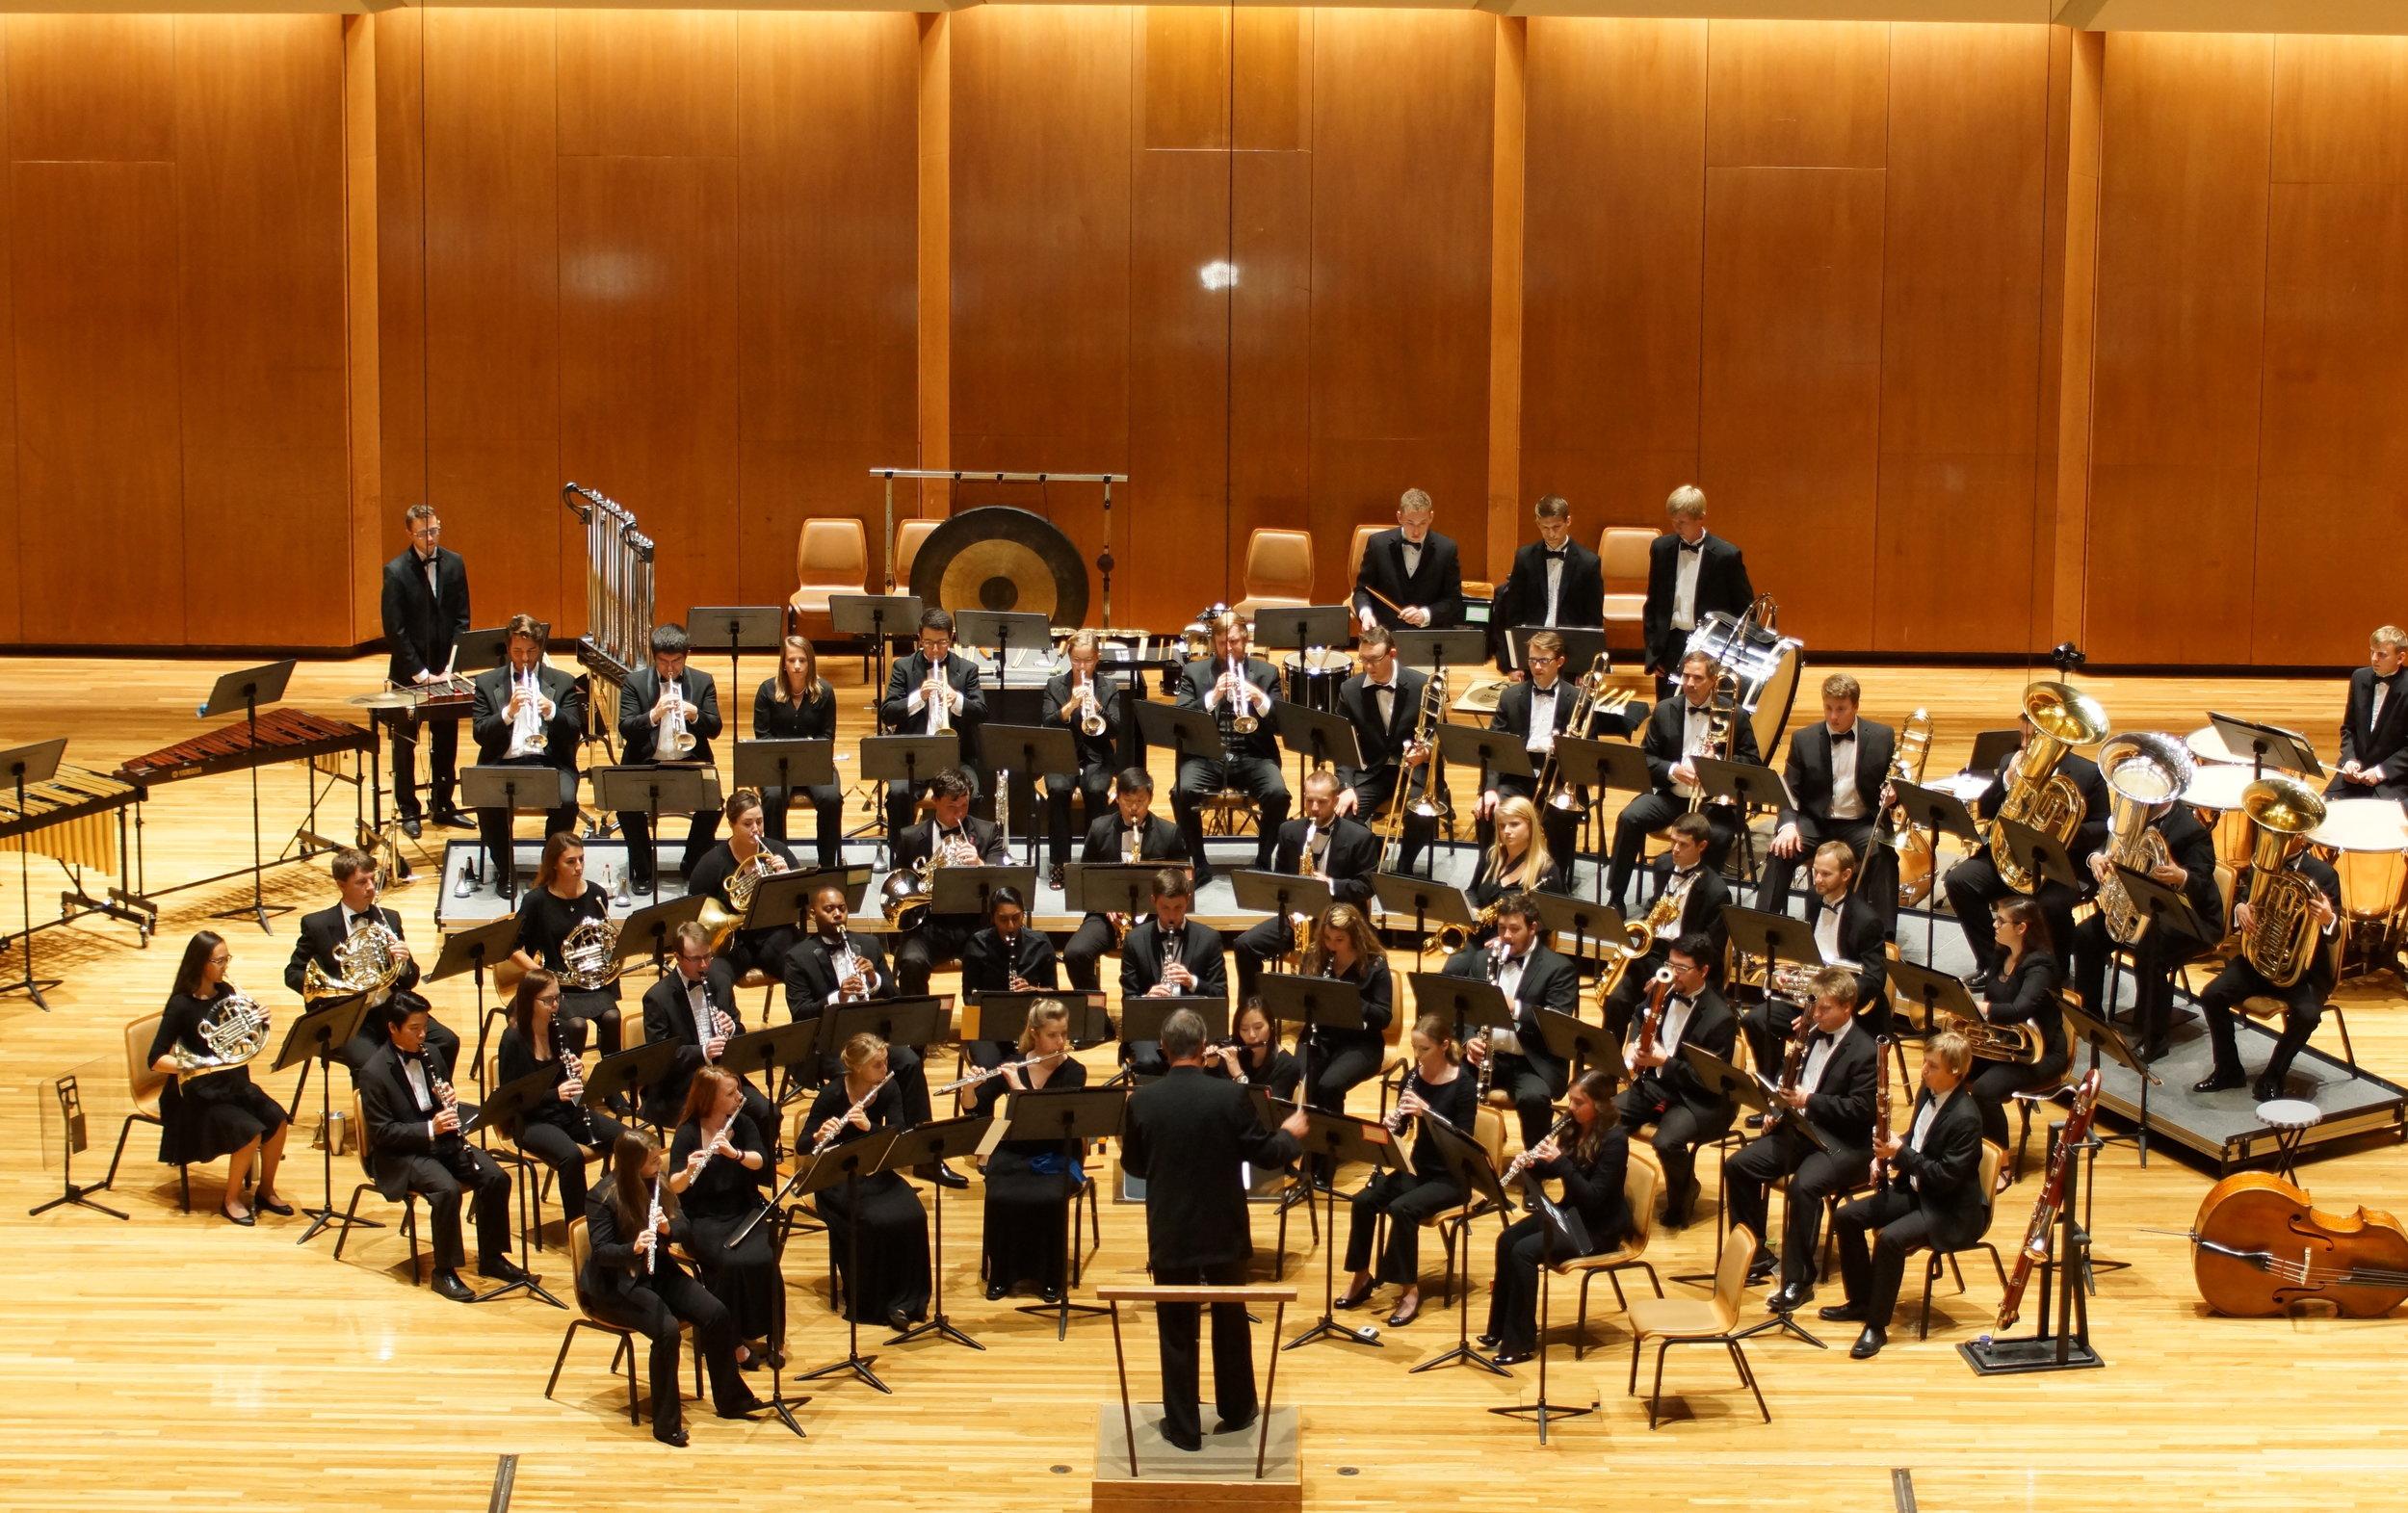 University Of Illinois Calendar 2020 Illinois Wind Symphony — The University of Illinois Bands